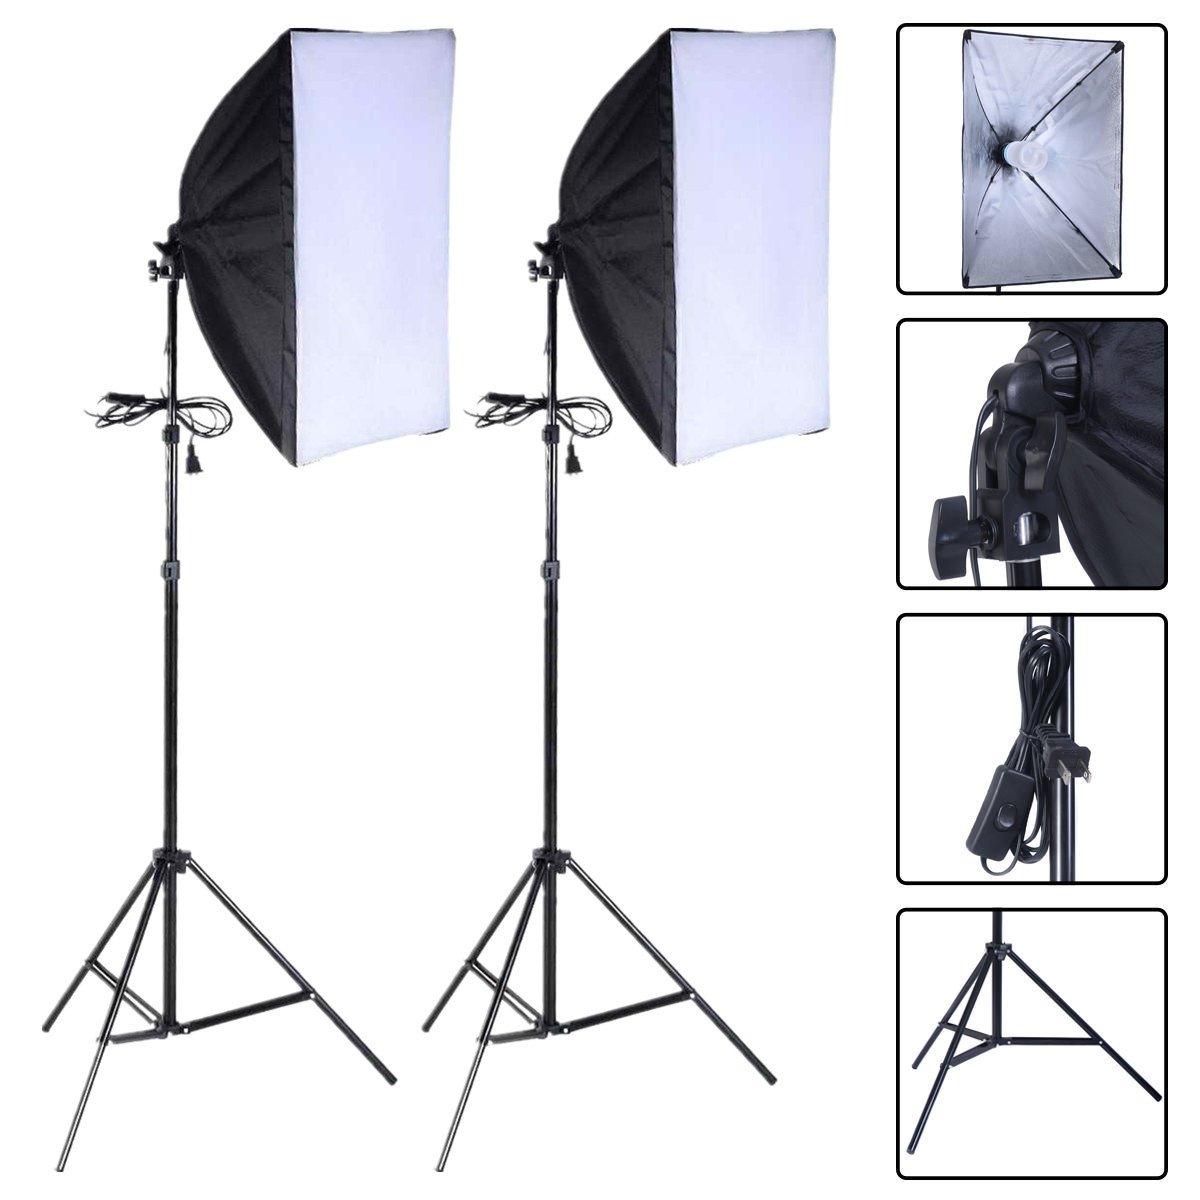 Safstar 写真撮影用ソフトボックス照明キット 24インチ x 16インチ ソケットライト 写真 ポートレート スタジオ照明ディフューザー ソフトボックス機器 2個セット With 2 Bulbs  B01MUDY244